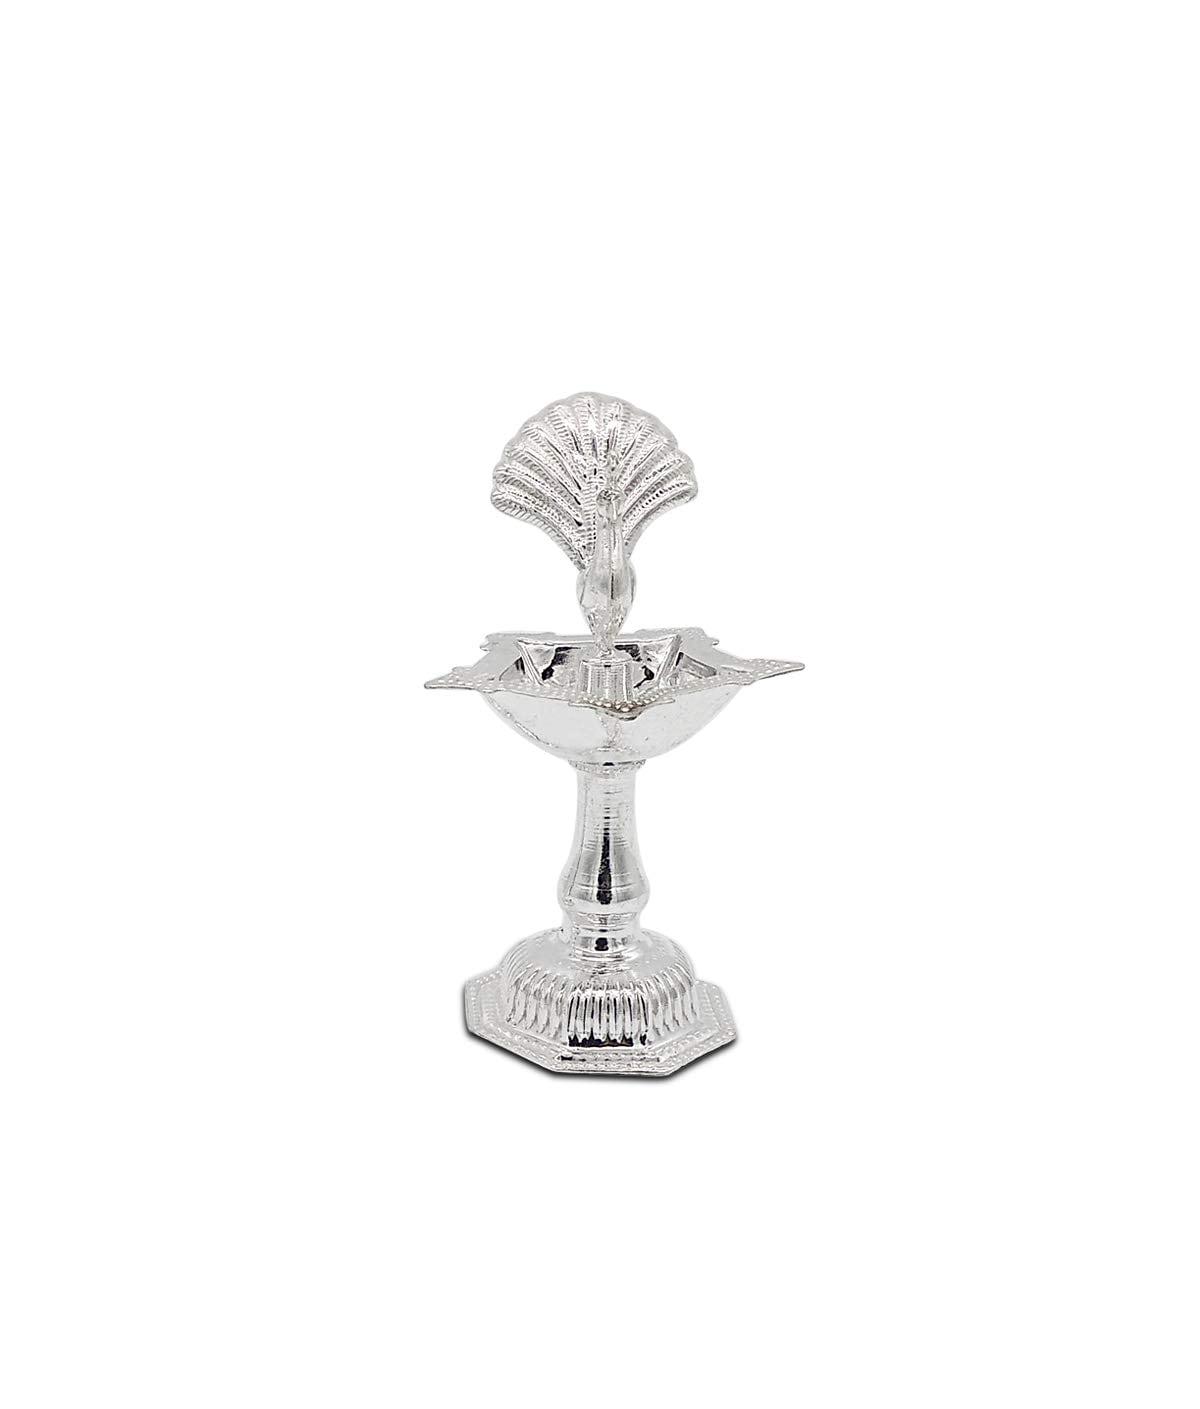 Silver Diya With Peacock Idol At Centre (55gm)